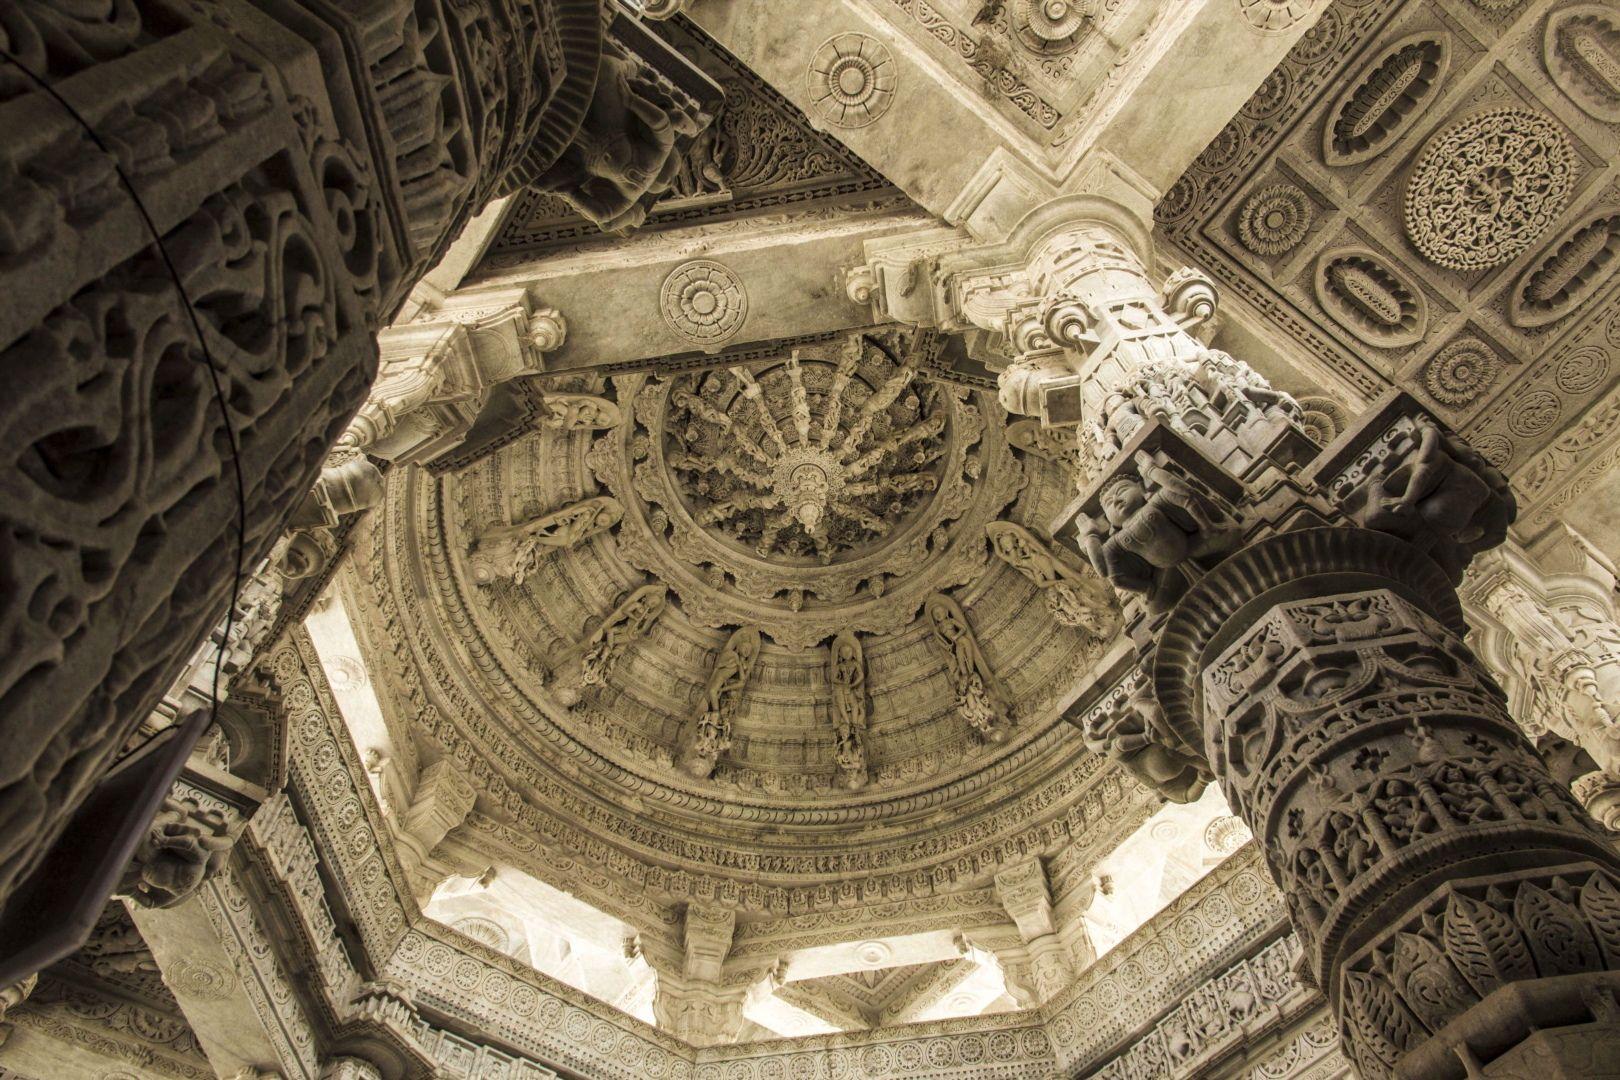 Ranakpur is home to one of the biggest and most important Jain temple of India covering an are of 48000 square feet and has 29 halls 80 domes and supported by 1444 marble pillars each of them intricately and artistically carved.  _________________________  Ranakpur es el hogar de uno de los templos Jainistas más importantes de India que cubre un area de 4500 metros cuadrados tiene 29 estancias 80 cúpulas y 1444 columnas de mármol cada una de ellas talladas artísticamente.  #ranakpur…